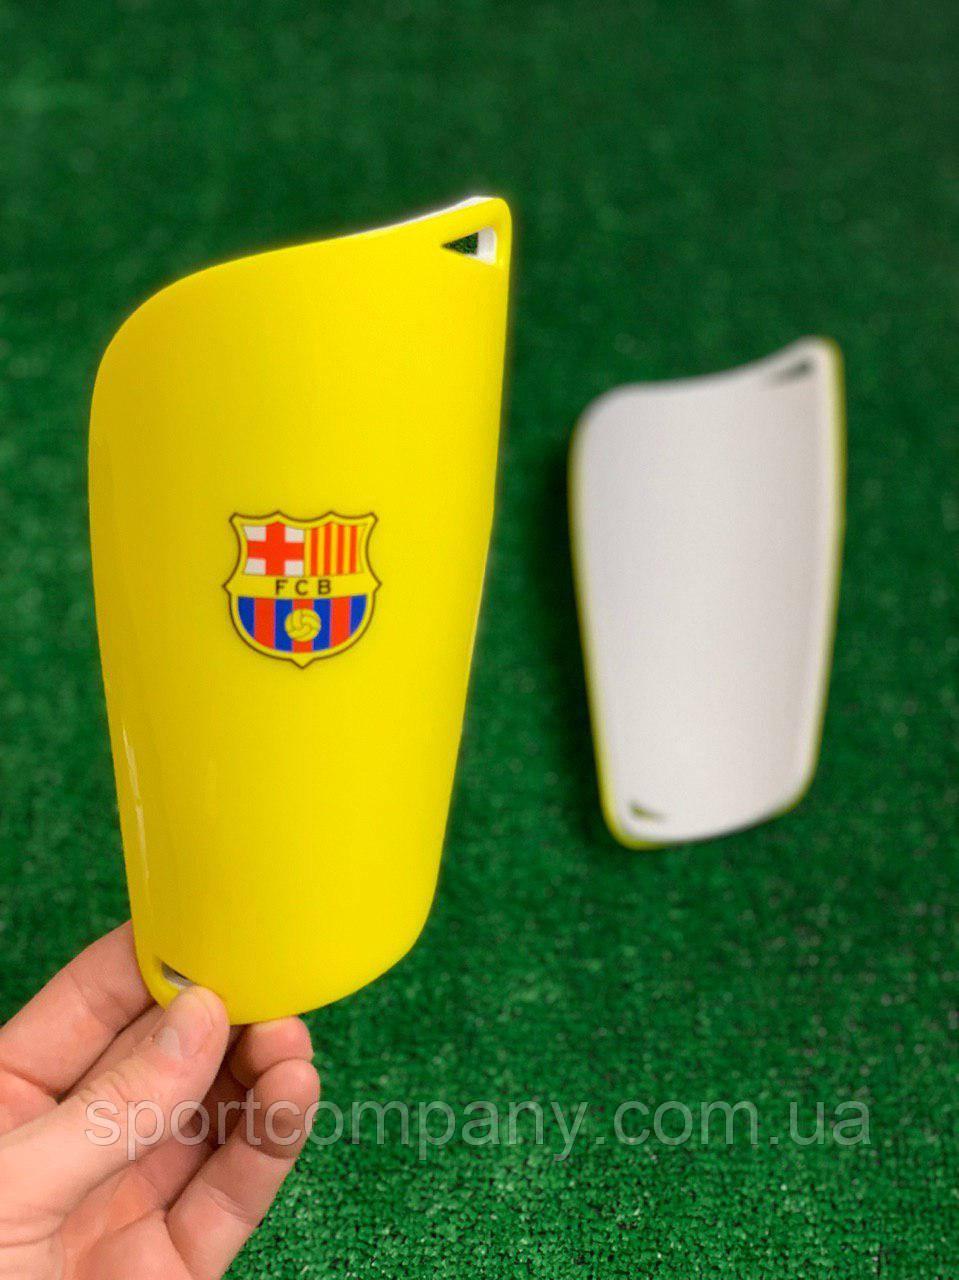 Щитки для футбола  Барселона  Желтые 1092